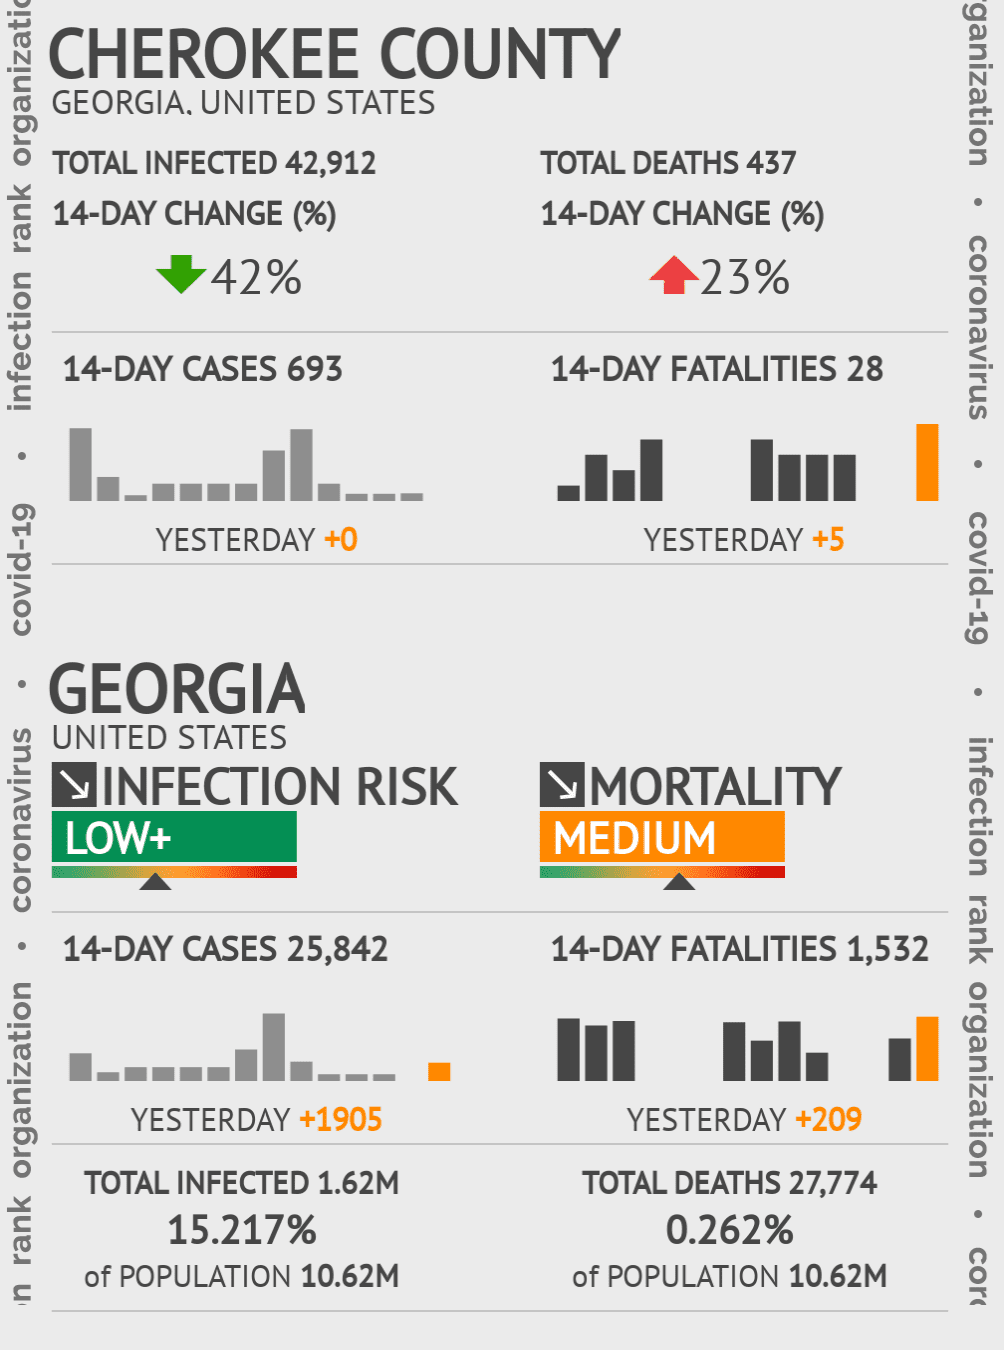 Cherokee County Coronavirus Covid-19 Risk of Infection on November 24, 2020